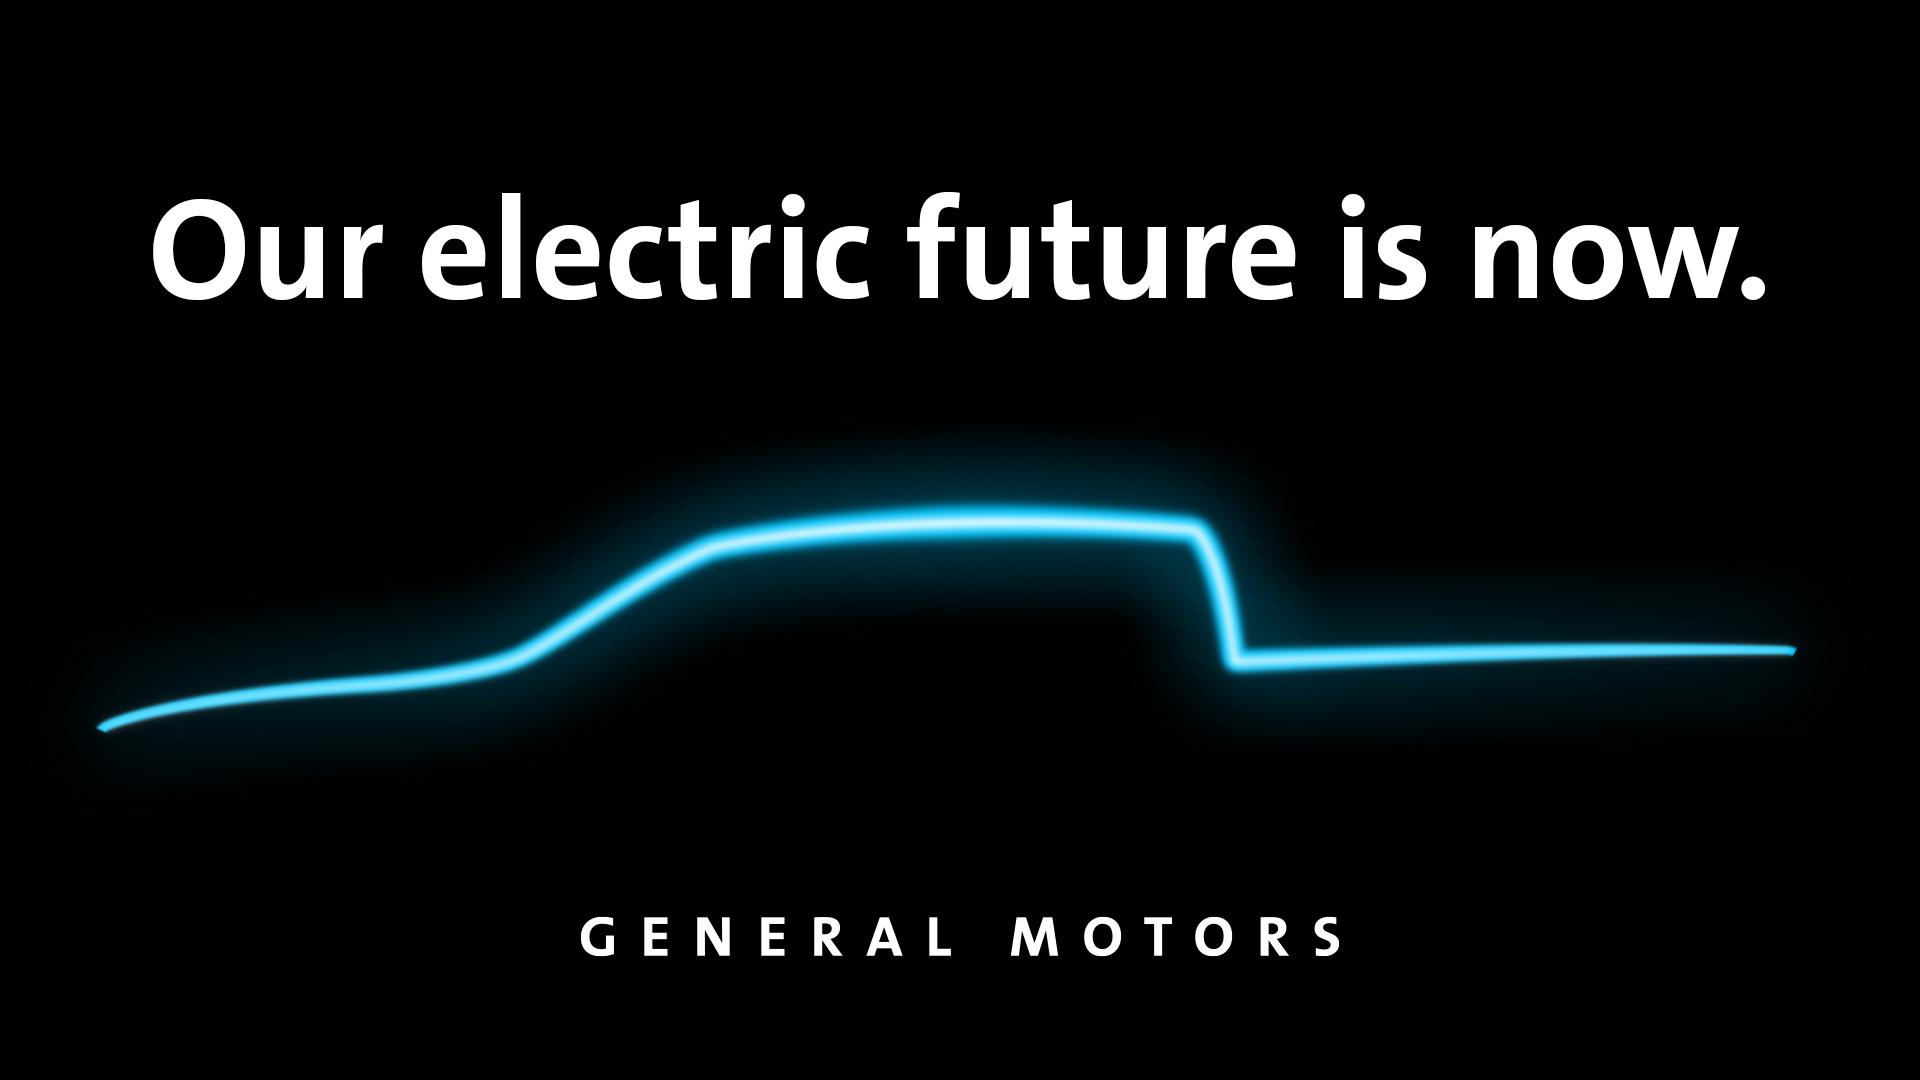 GM's EVs